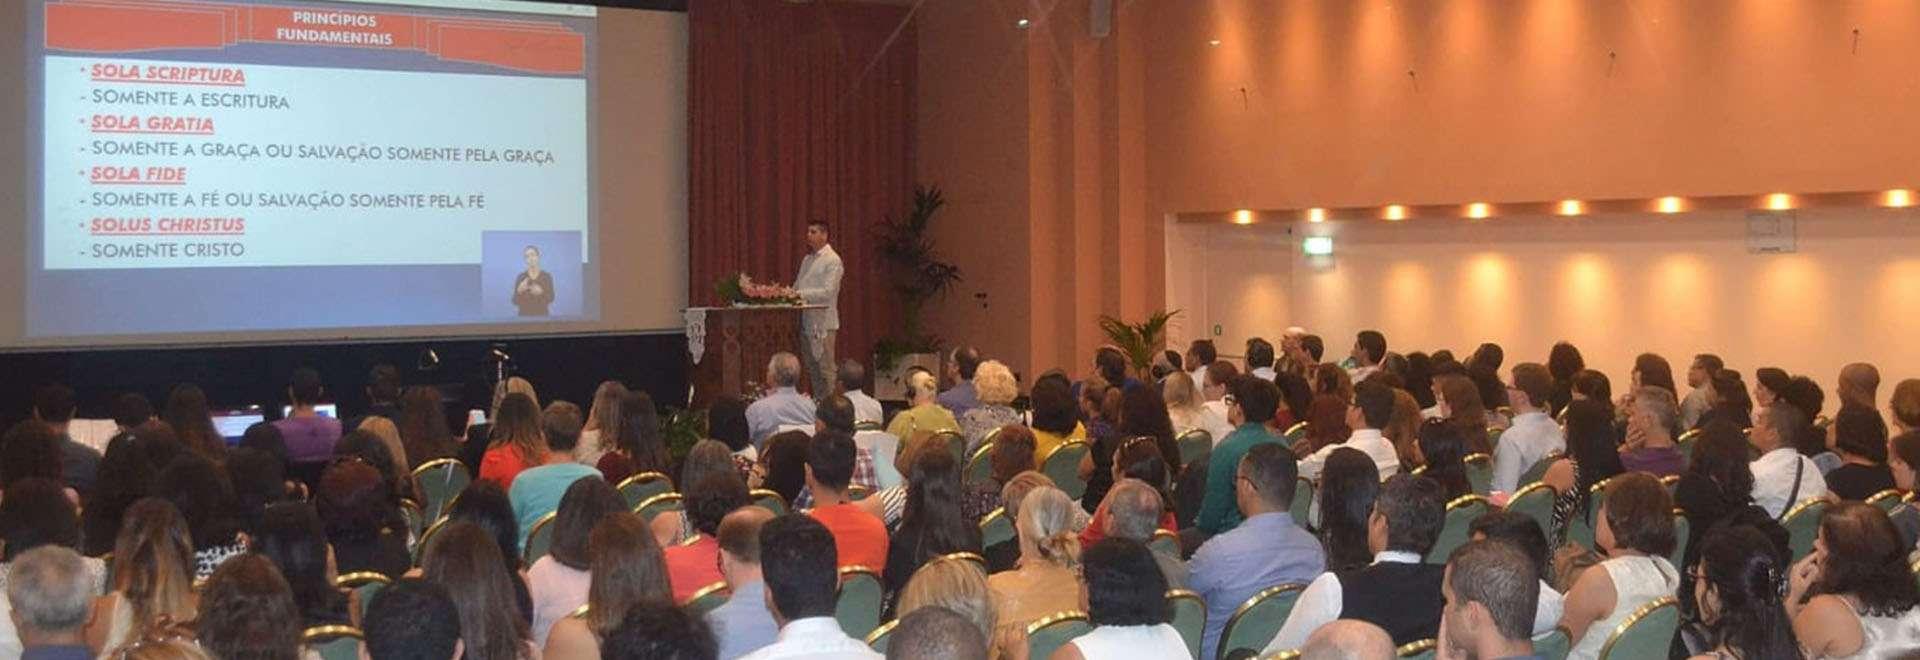 Seminário é realizado em Milão, Itália